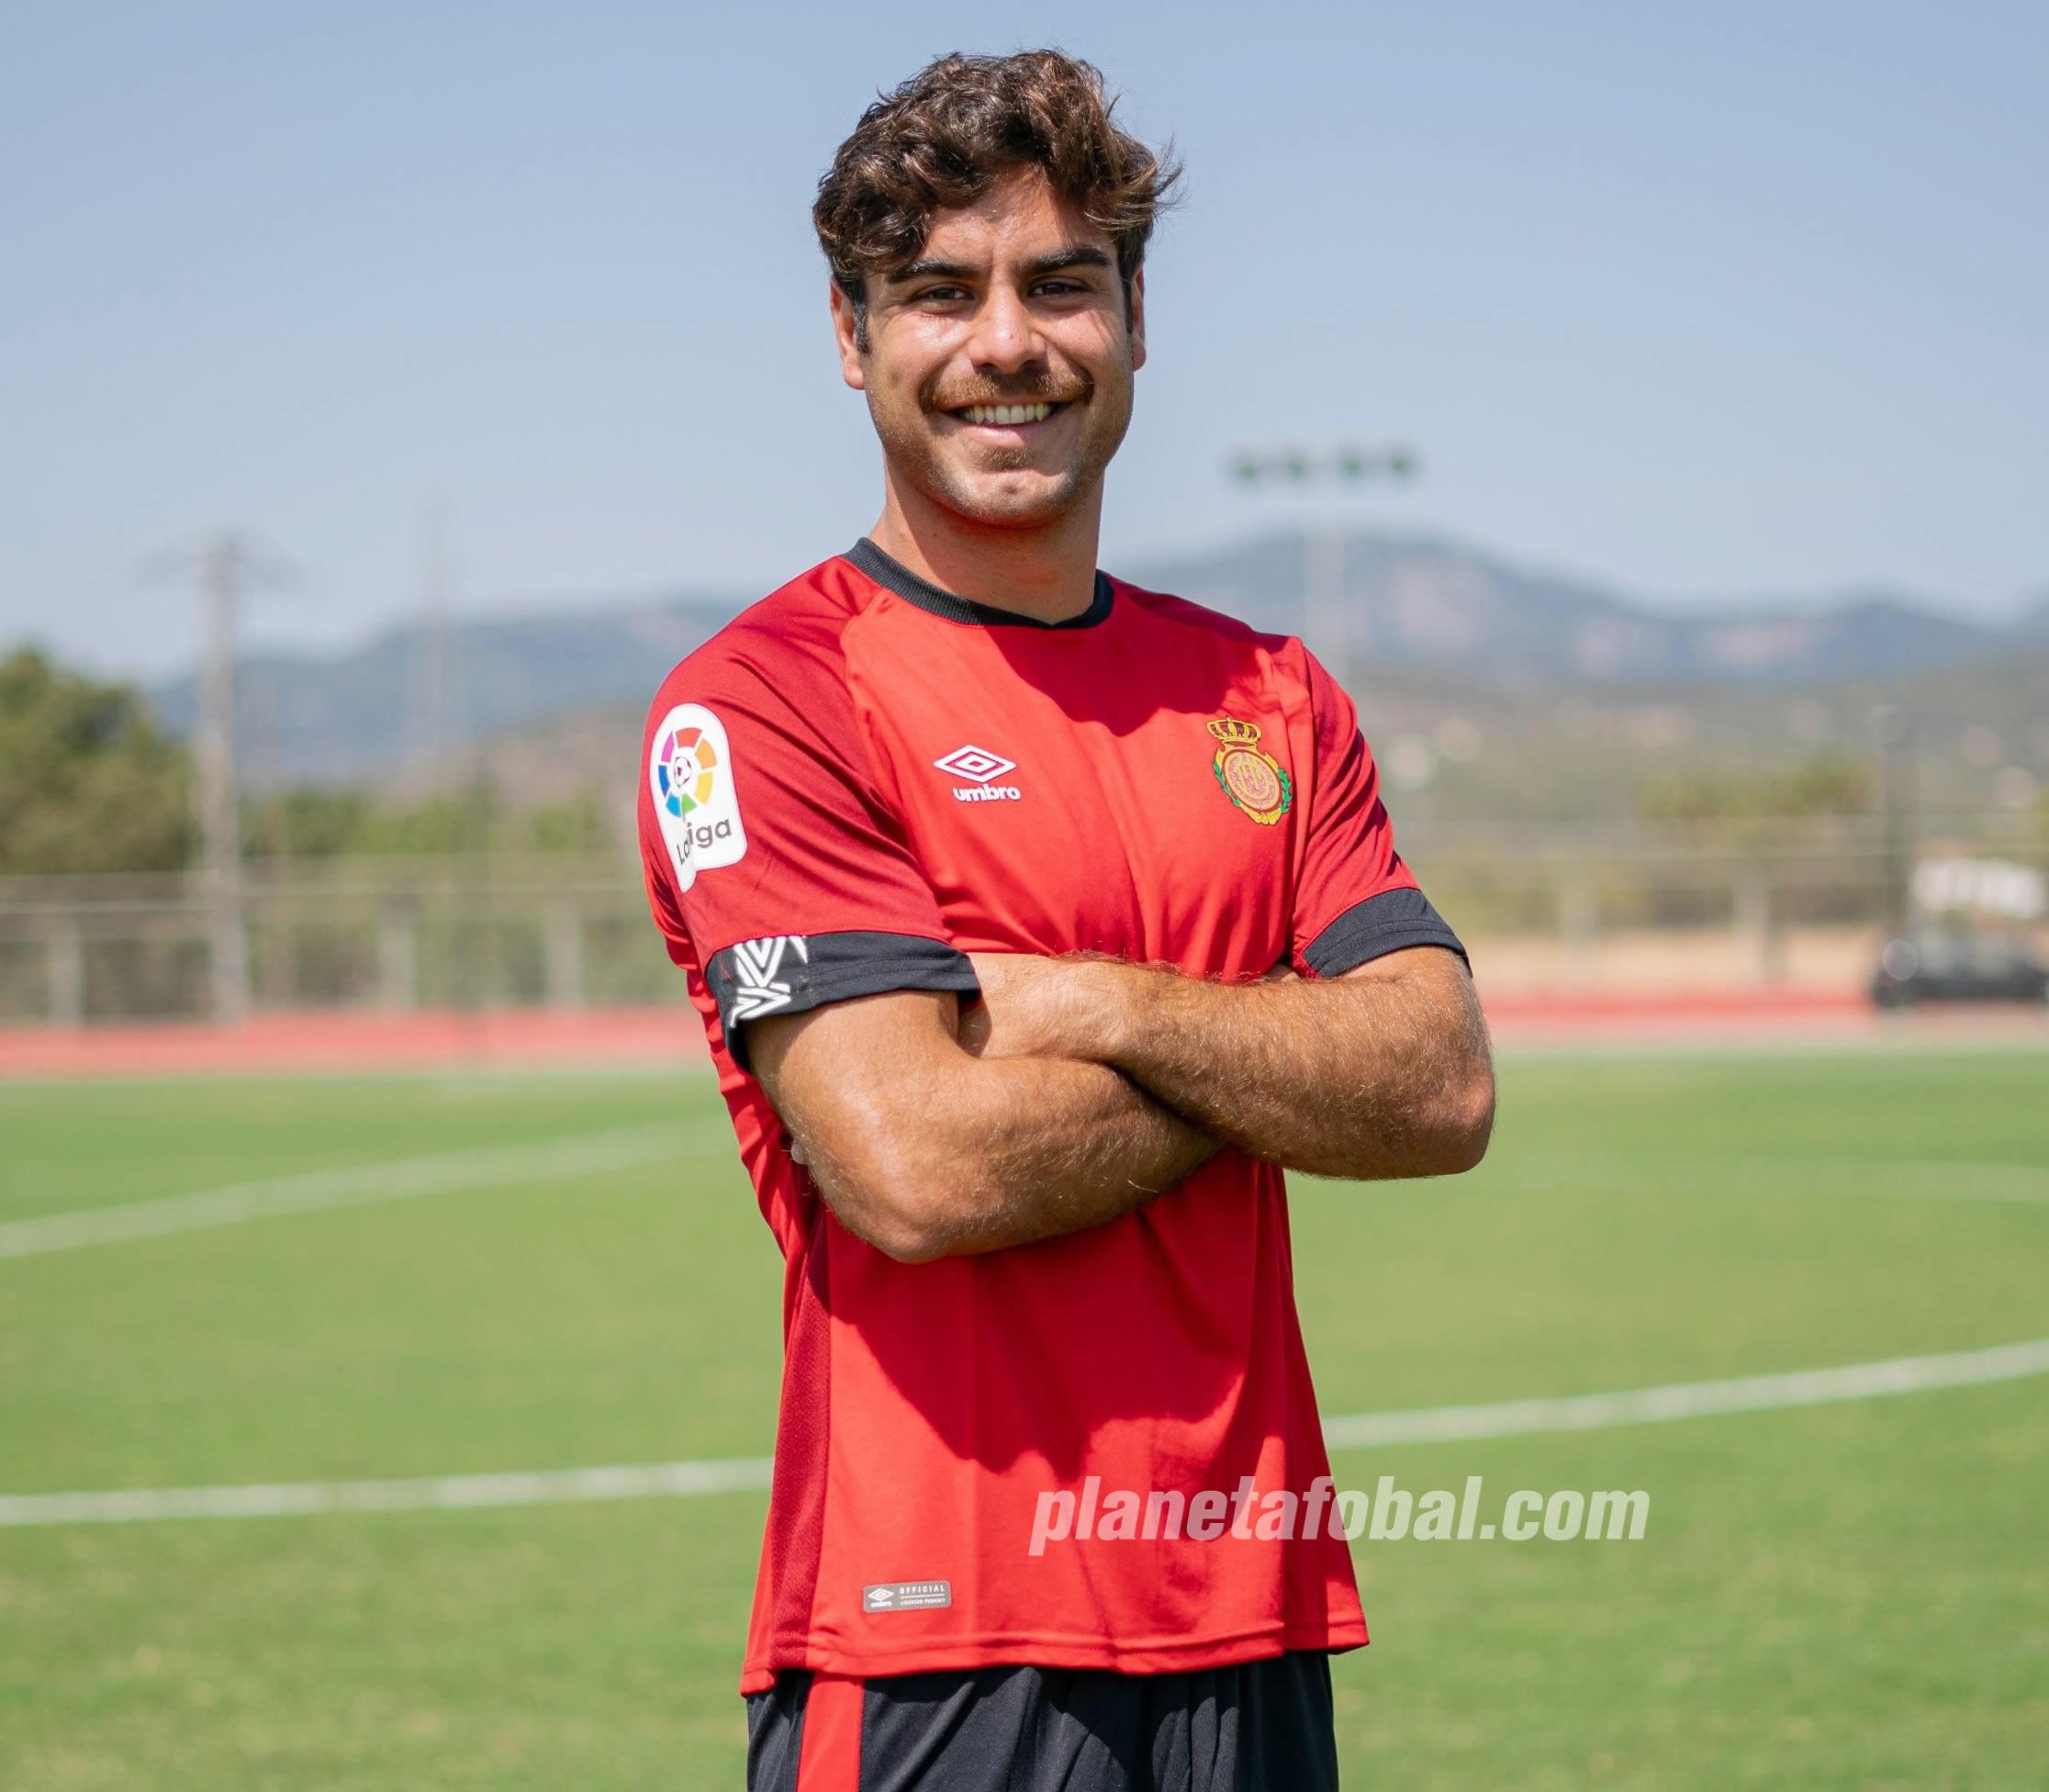 Primera equipación del RCD Mallorca 2019/2020 | Imagen Umbro Iberia